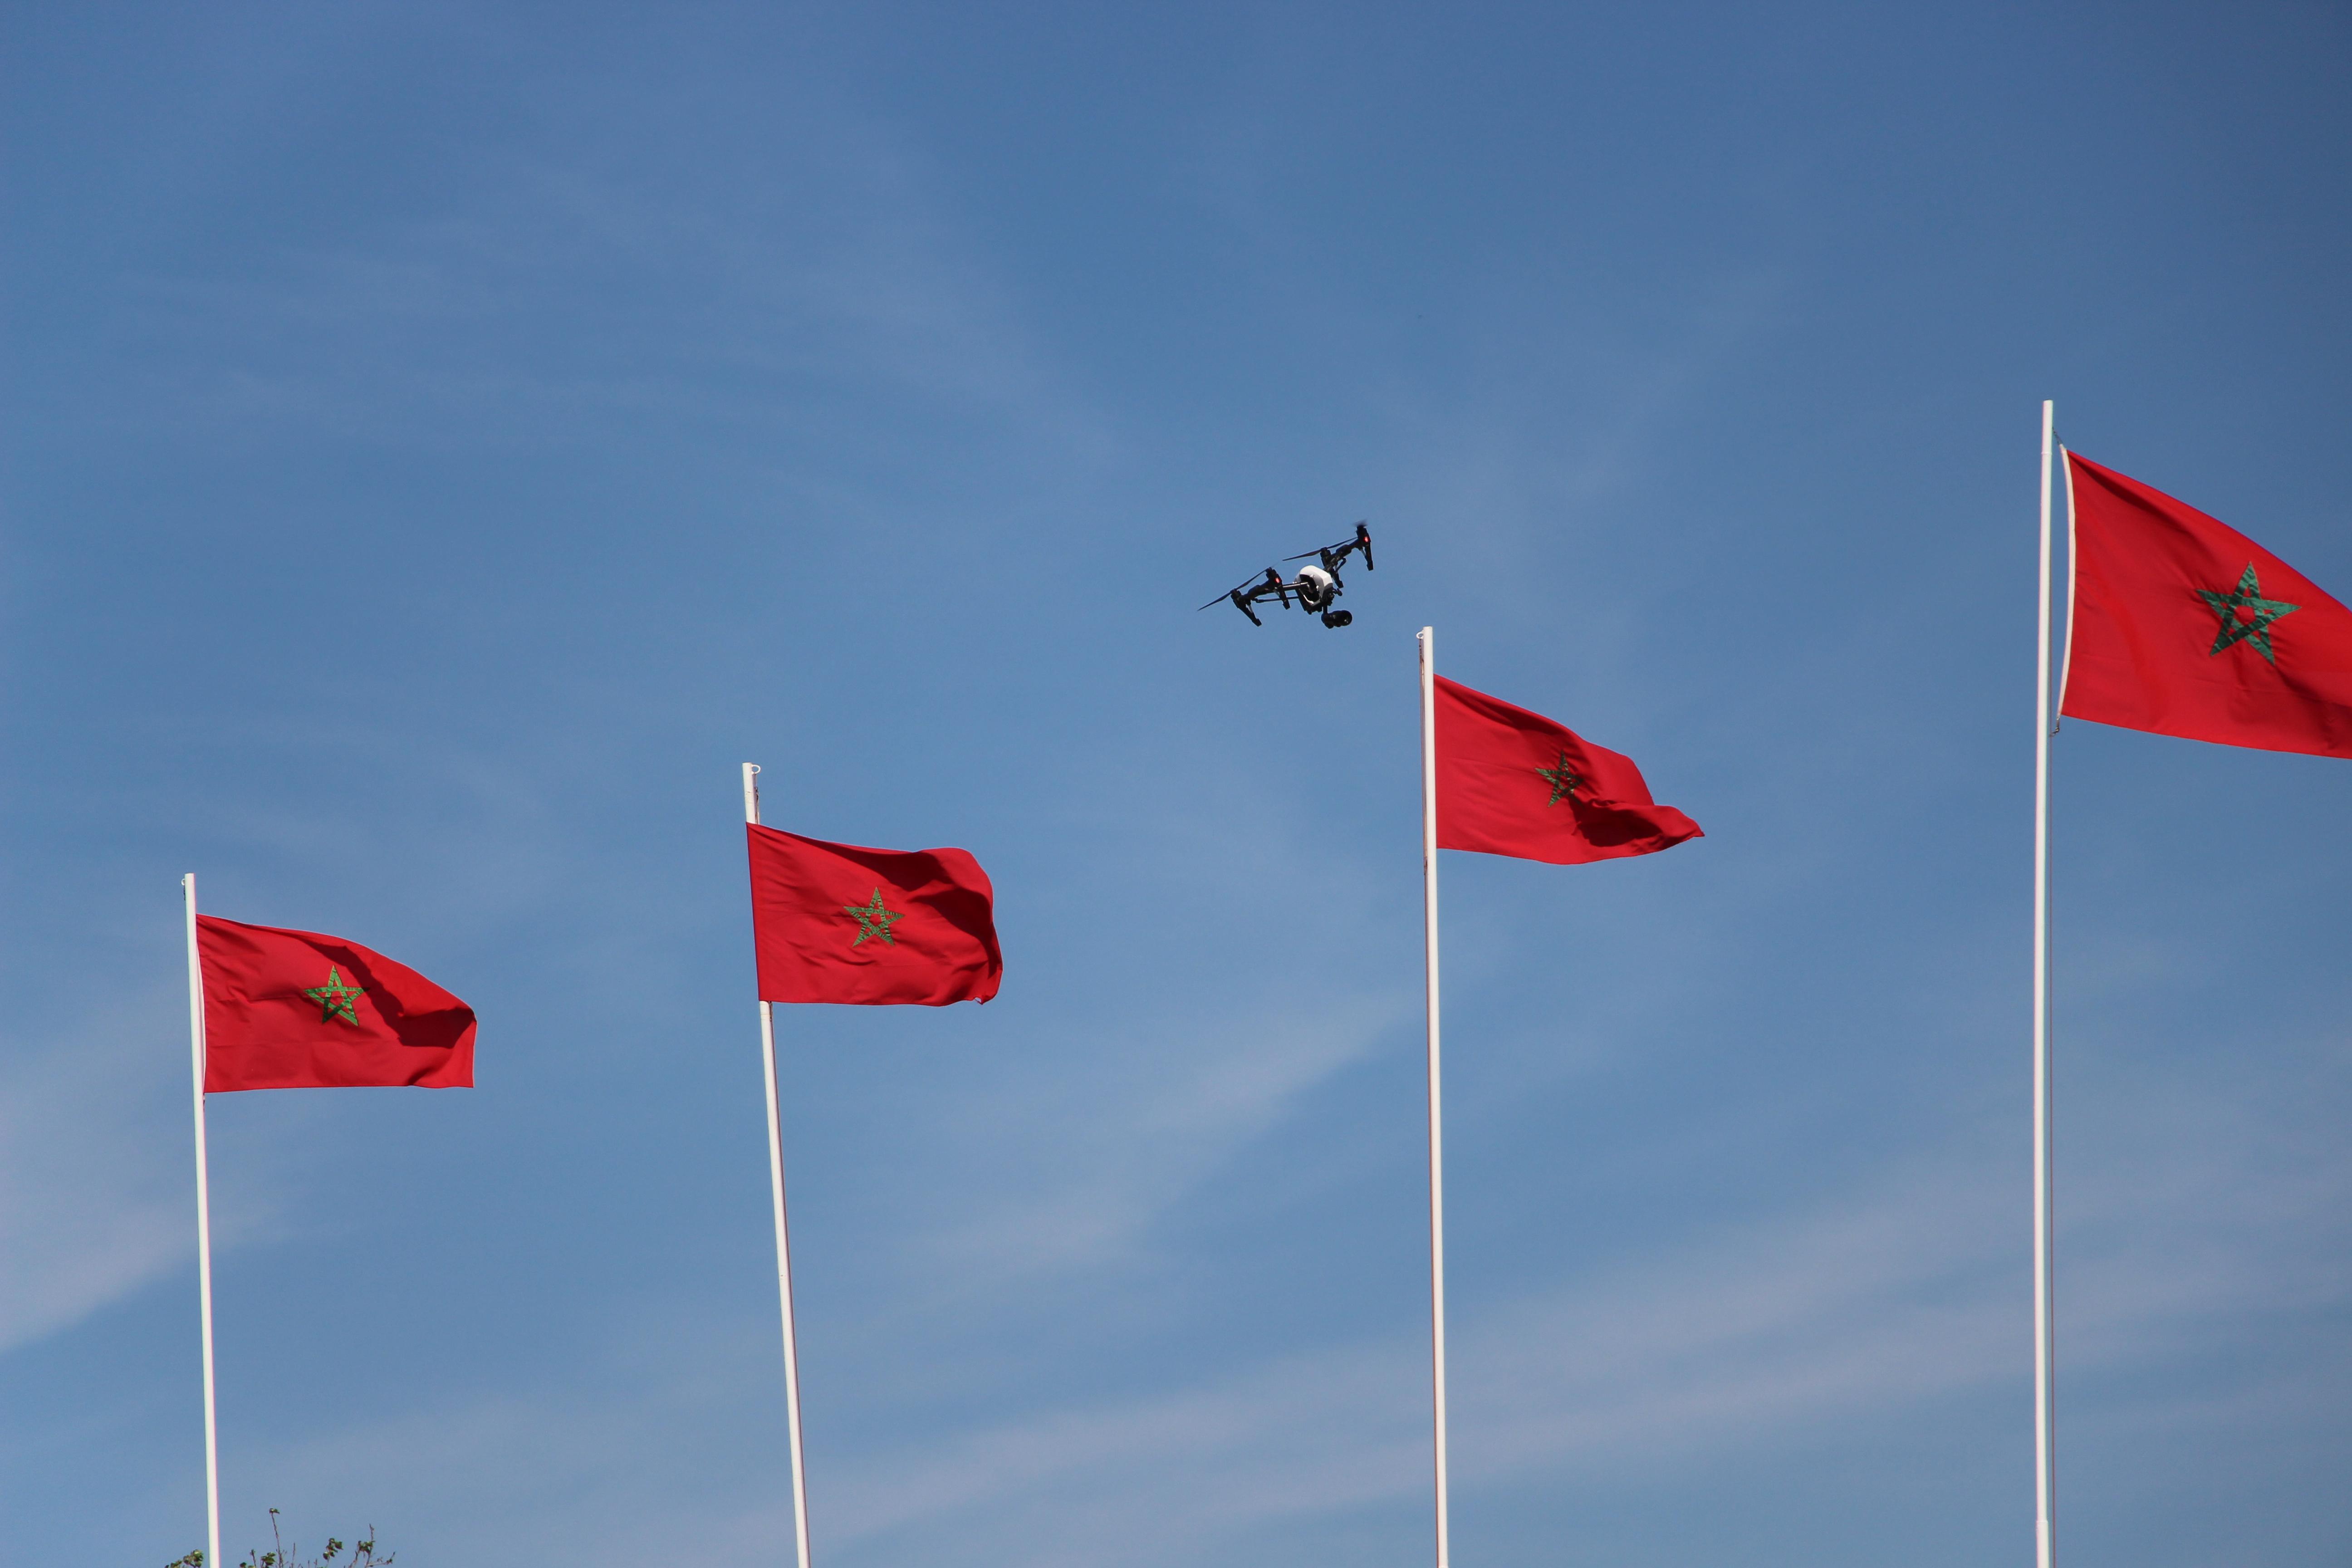 """بالصور.. تخصيص طائرتين بدون طيار """"درون"""" لتصوير مشاهد الإستعراض الأمني لعناصر الأمن الوطني"""